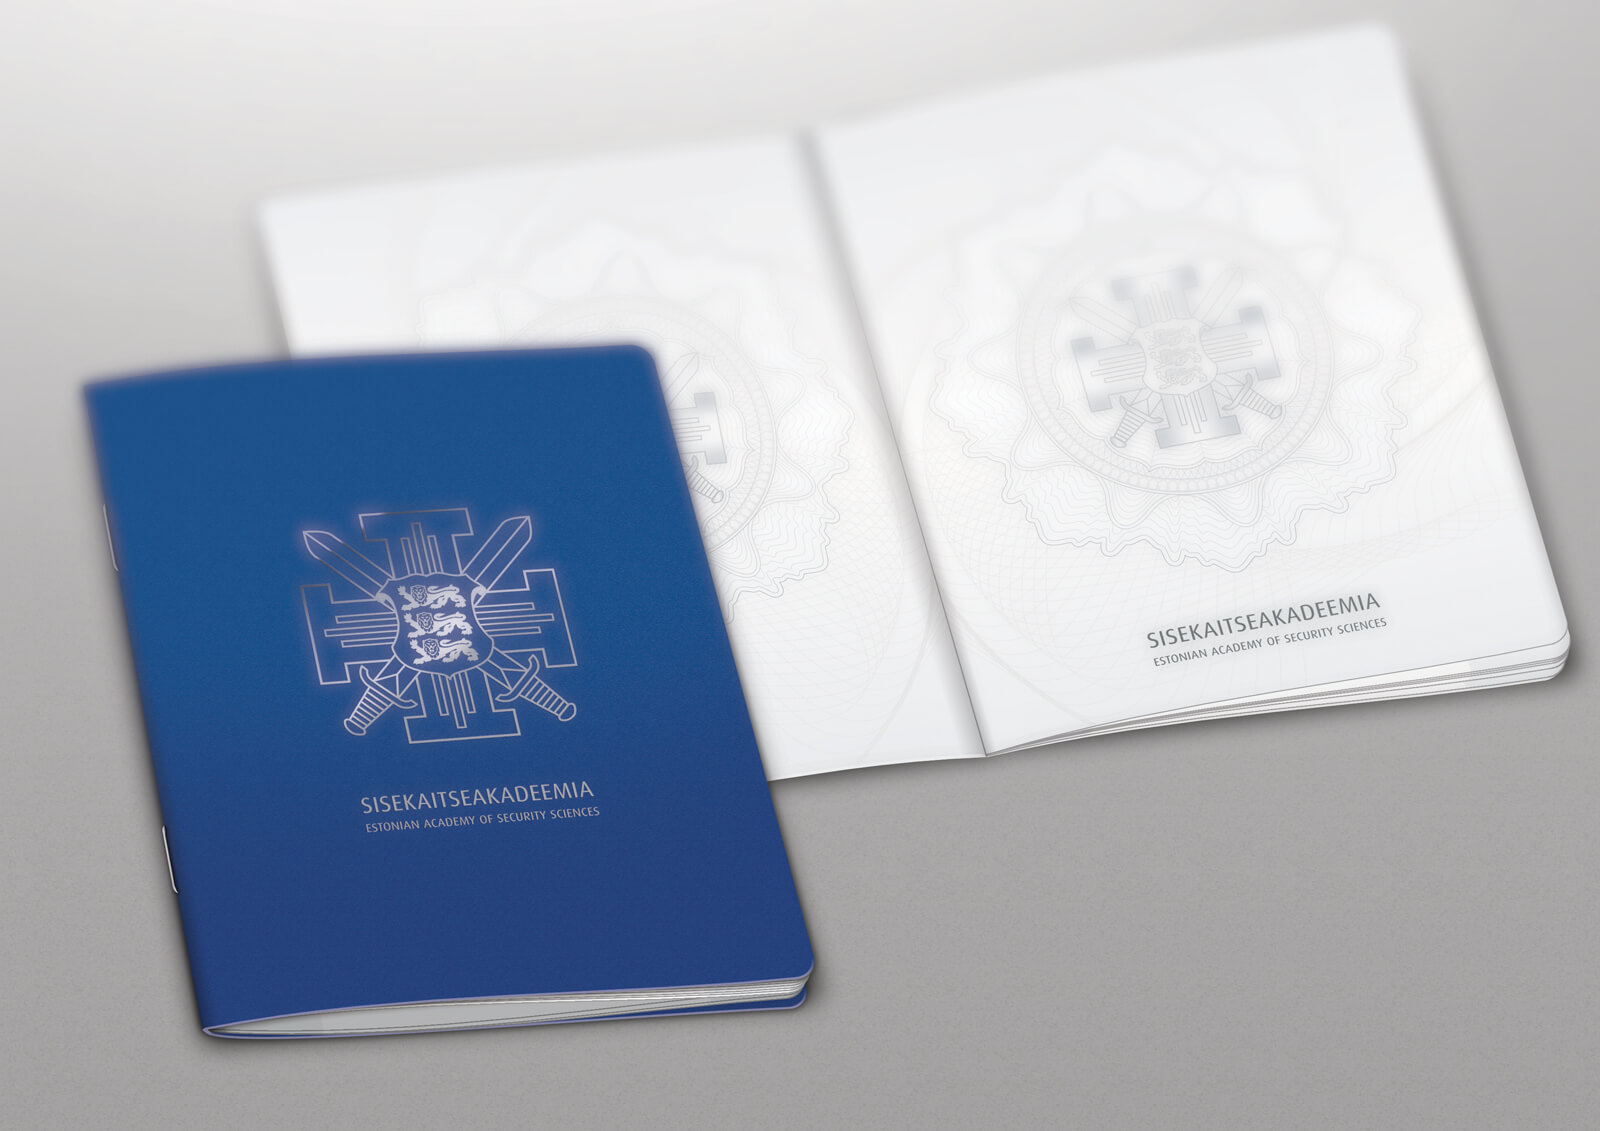 sisekaitseakadeemia-pass